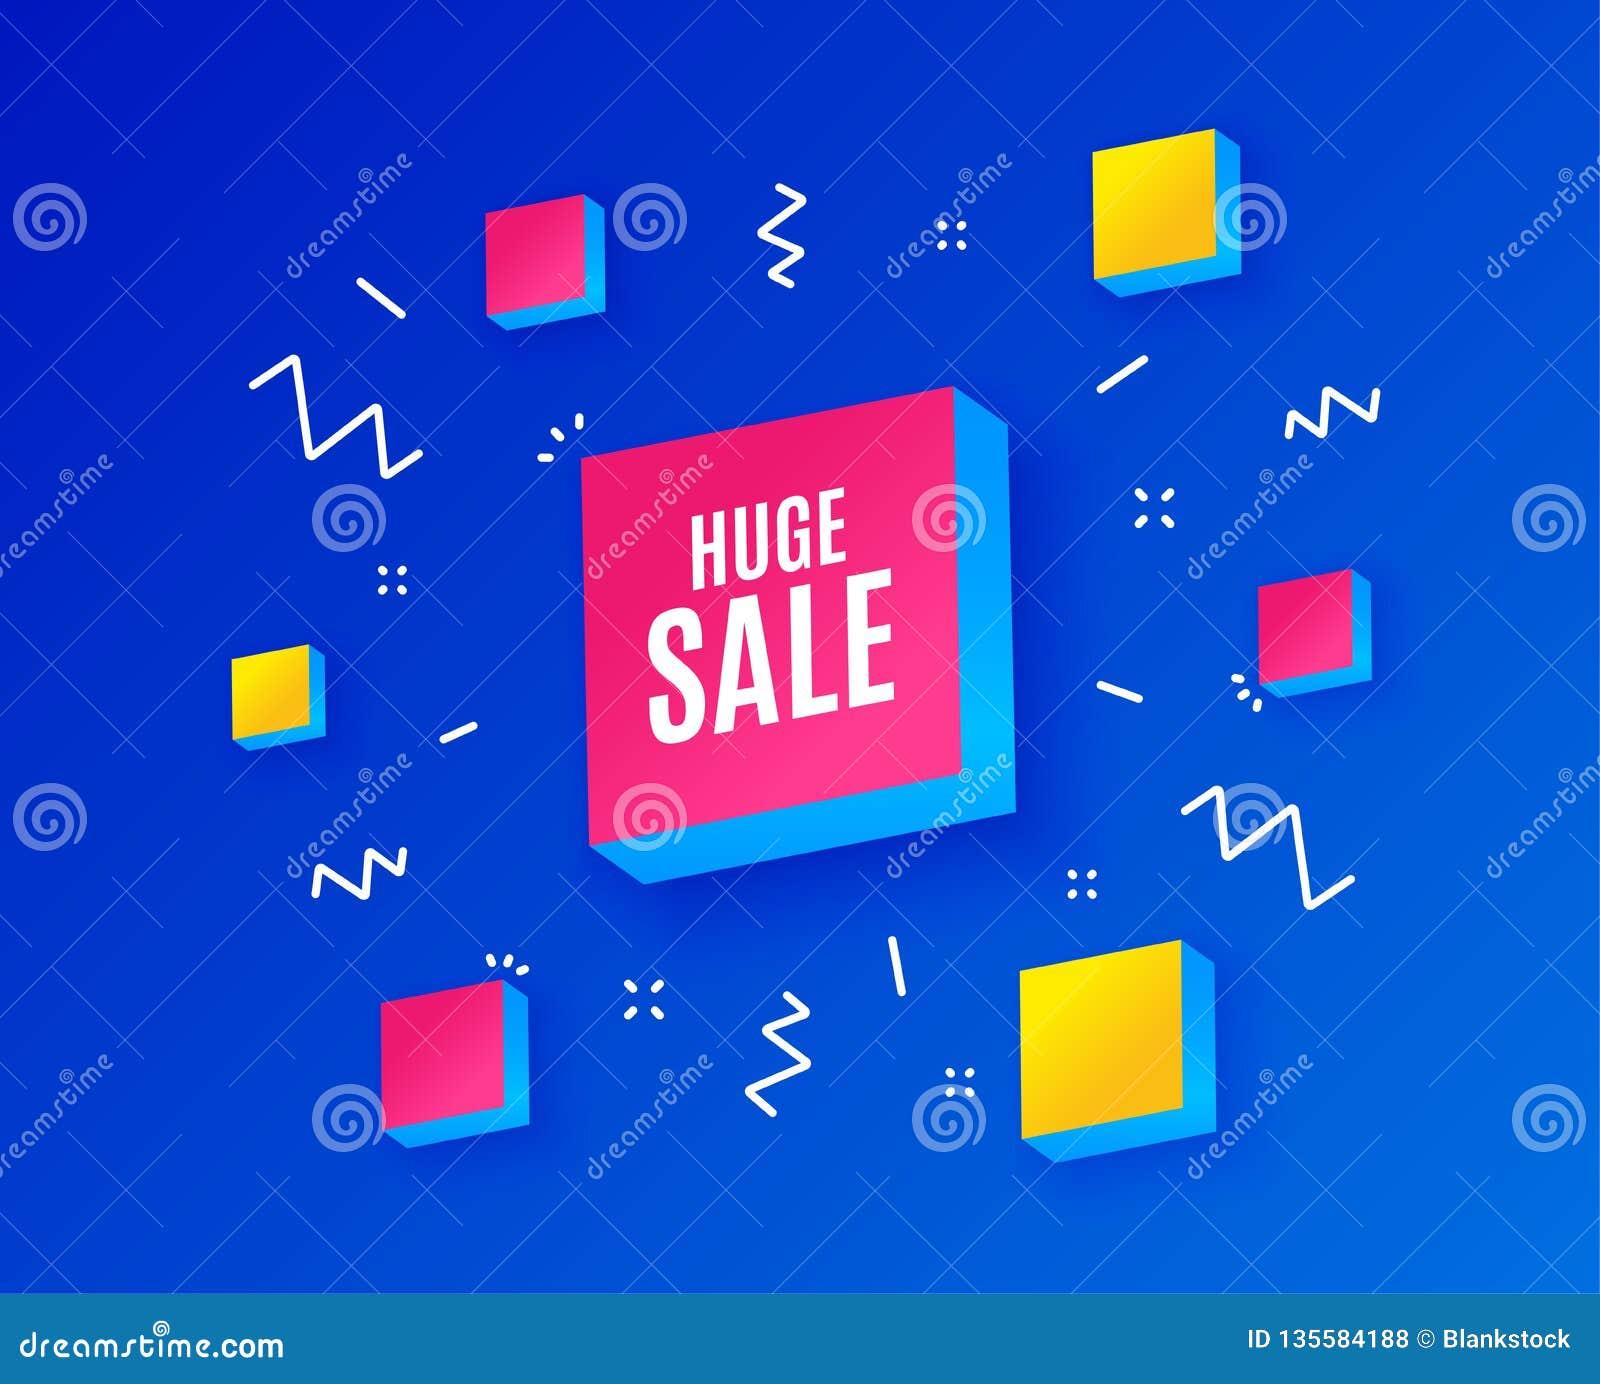 Sehr großer Verkauf Sonderangebotpreiszeichen Vektor